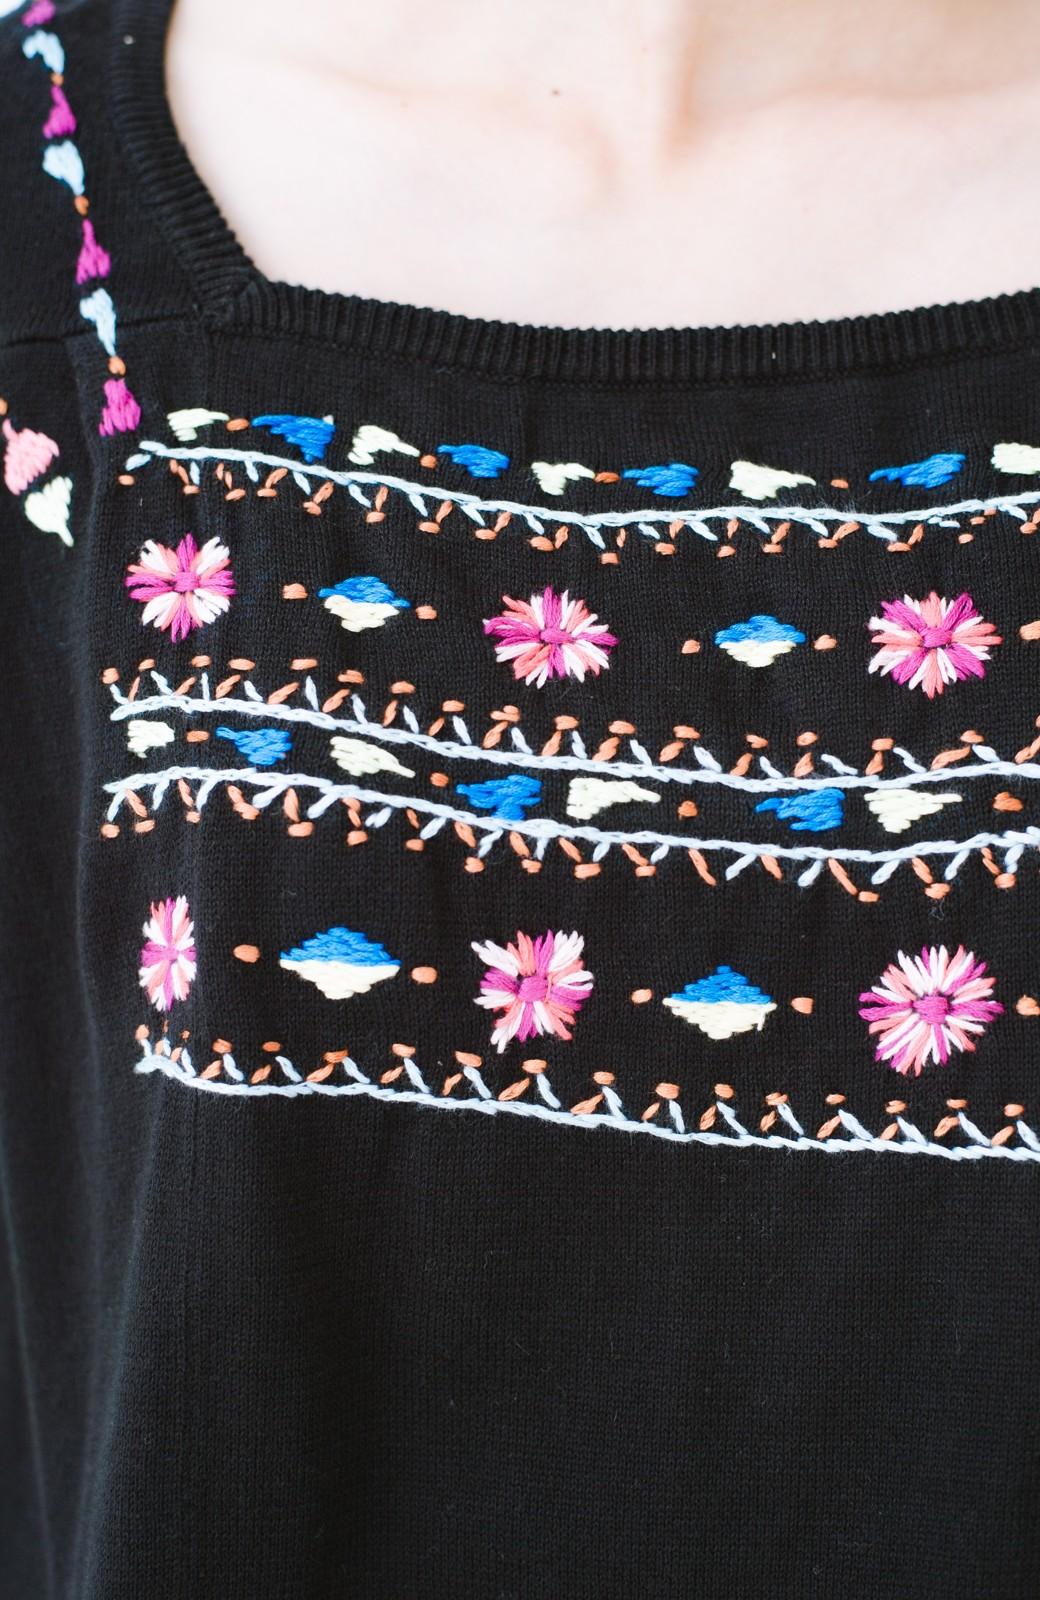 haco! Stitch by Stitch 首回りがきれいに見える色とりどりの刺繍のスクエアニット <ブラック>の商品写真2